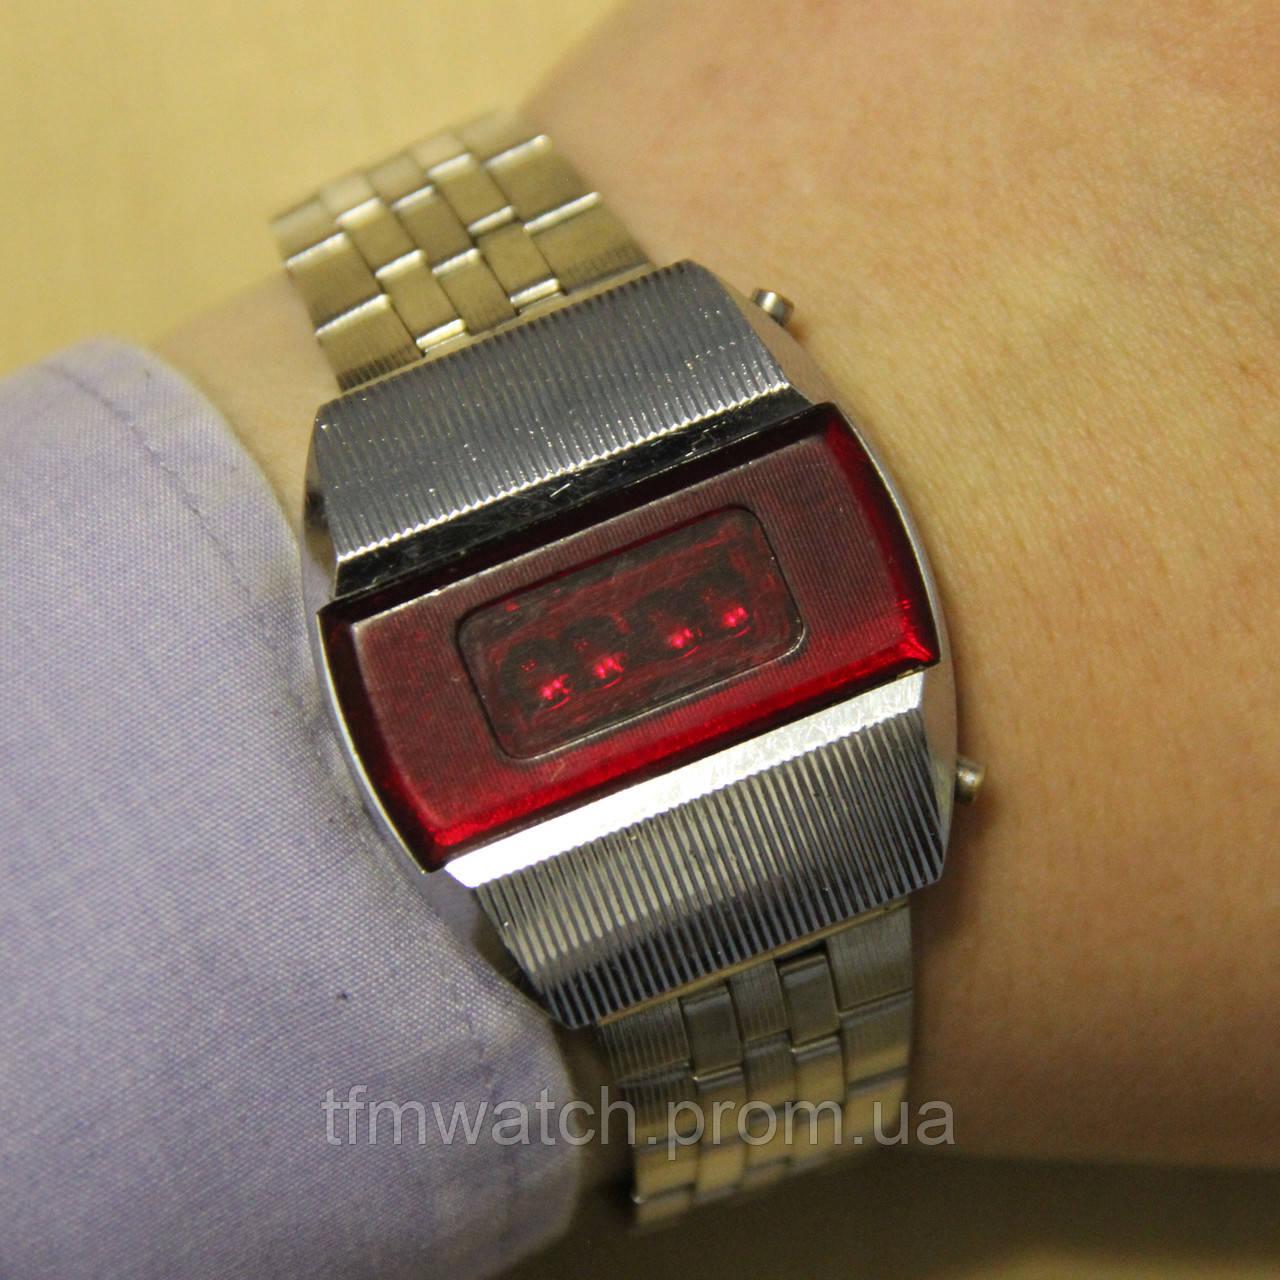 2ece2d31 Электроника 1 наручные электронные часы СССР : продажа, цена в ...